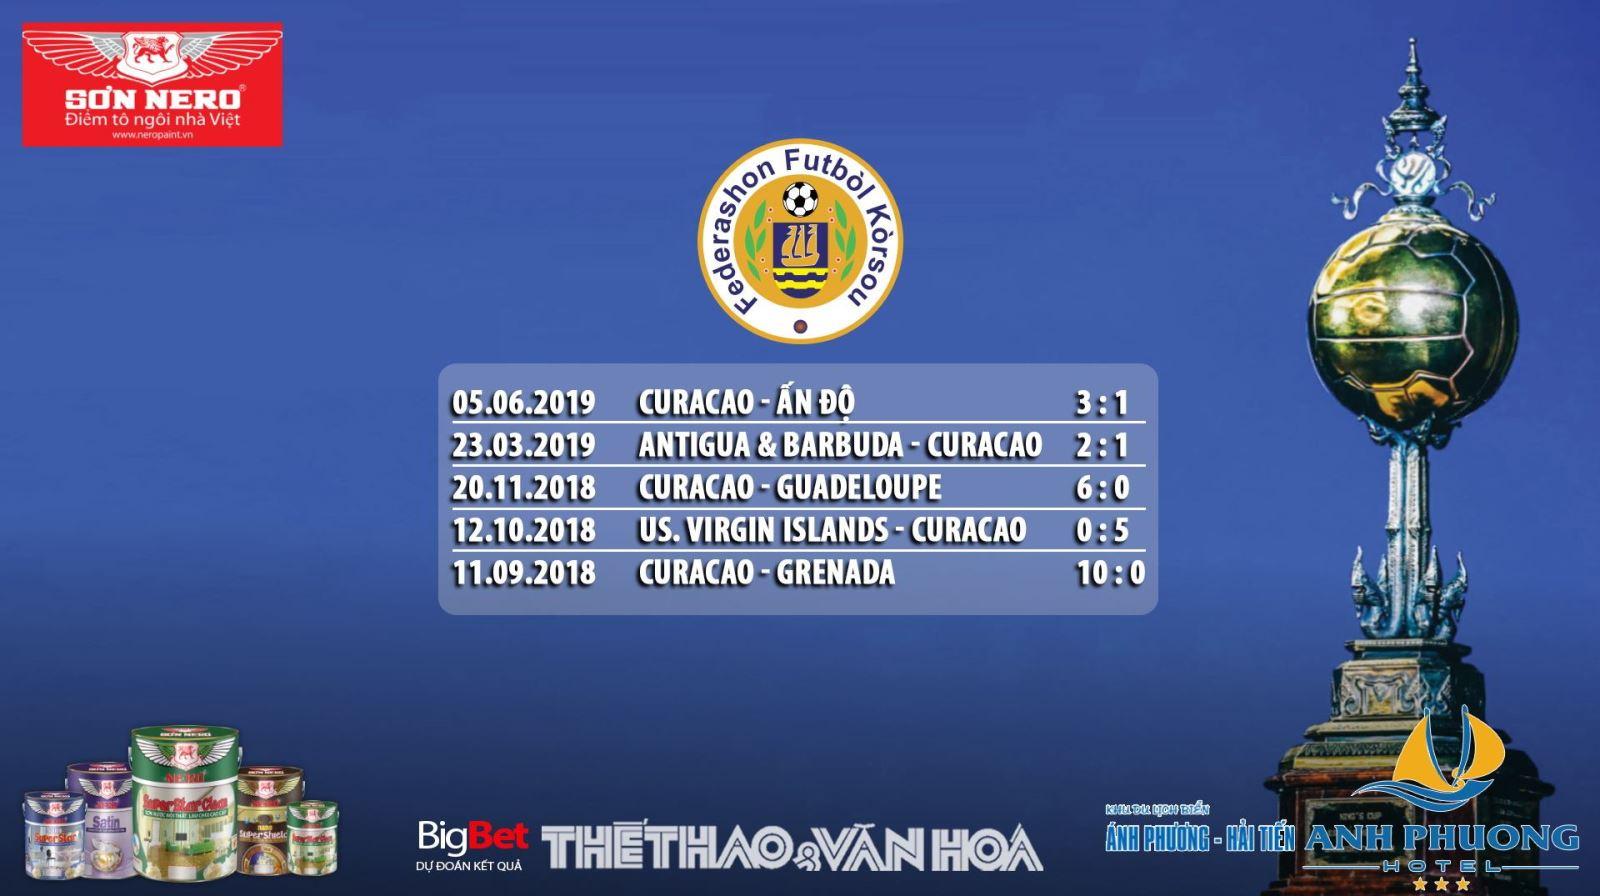 lich thi dau King Cup 2019, soi kèo Việt Nam vs Curacao, xem truc tiep bong da, trực tiếp bóng đá, Việt Nam vs Curacao, Việt Nam đấu với Curacao, VTC1, VTV5, VTV6, VTC3